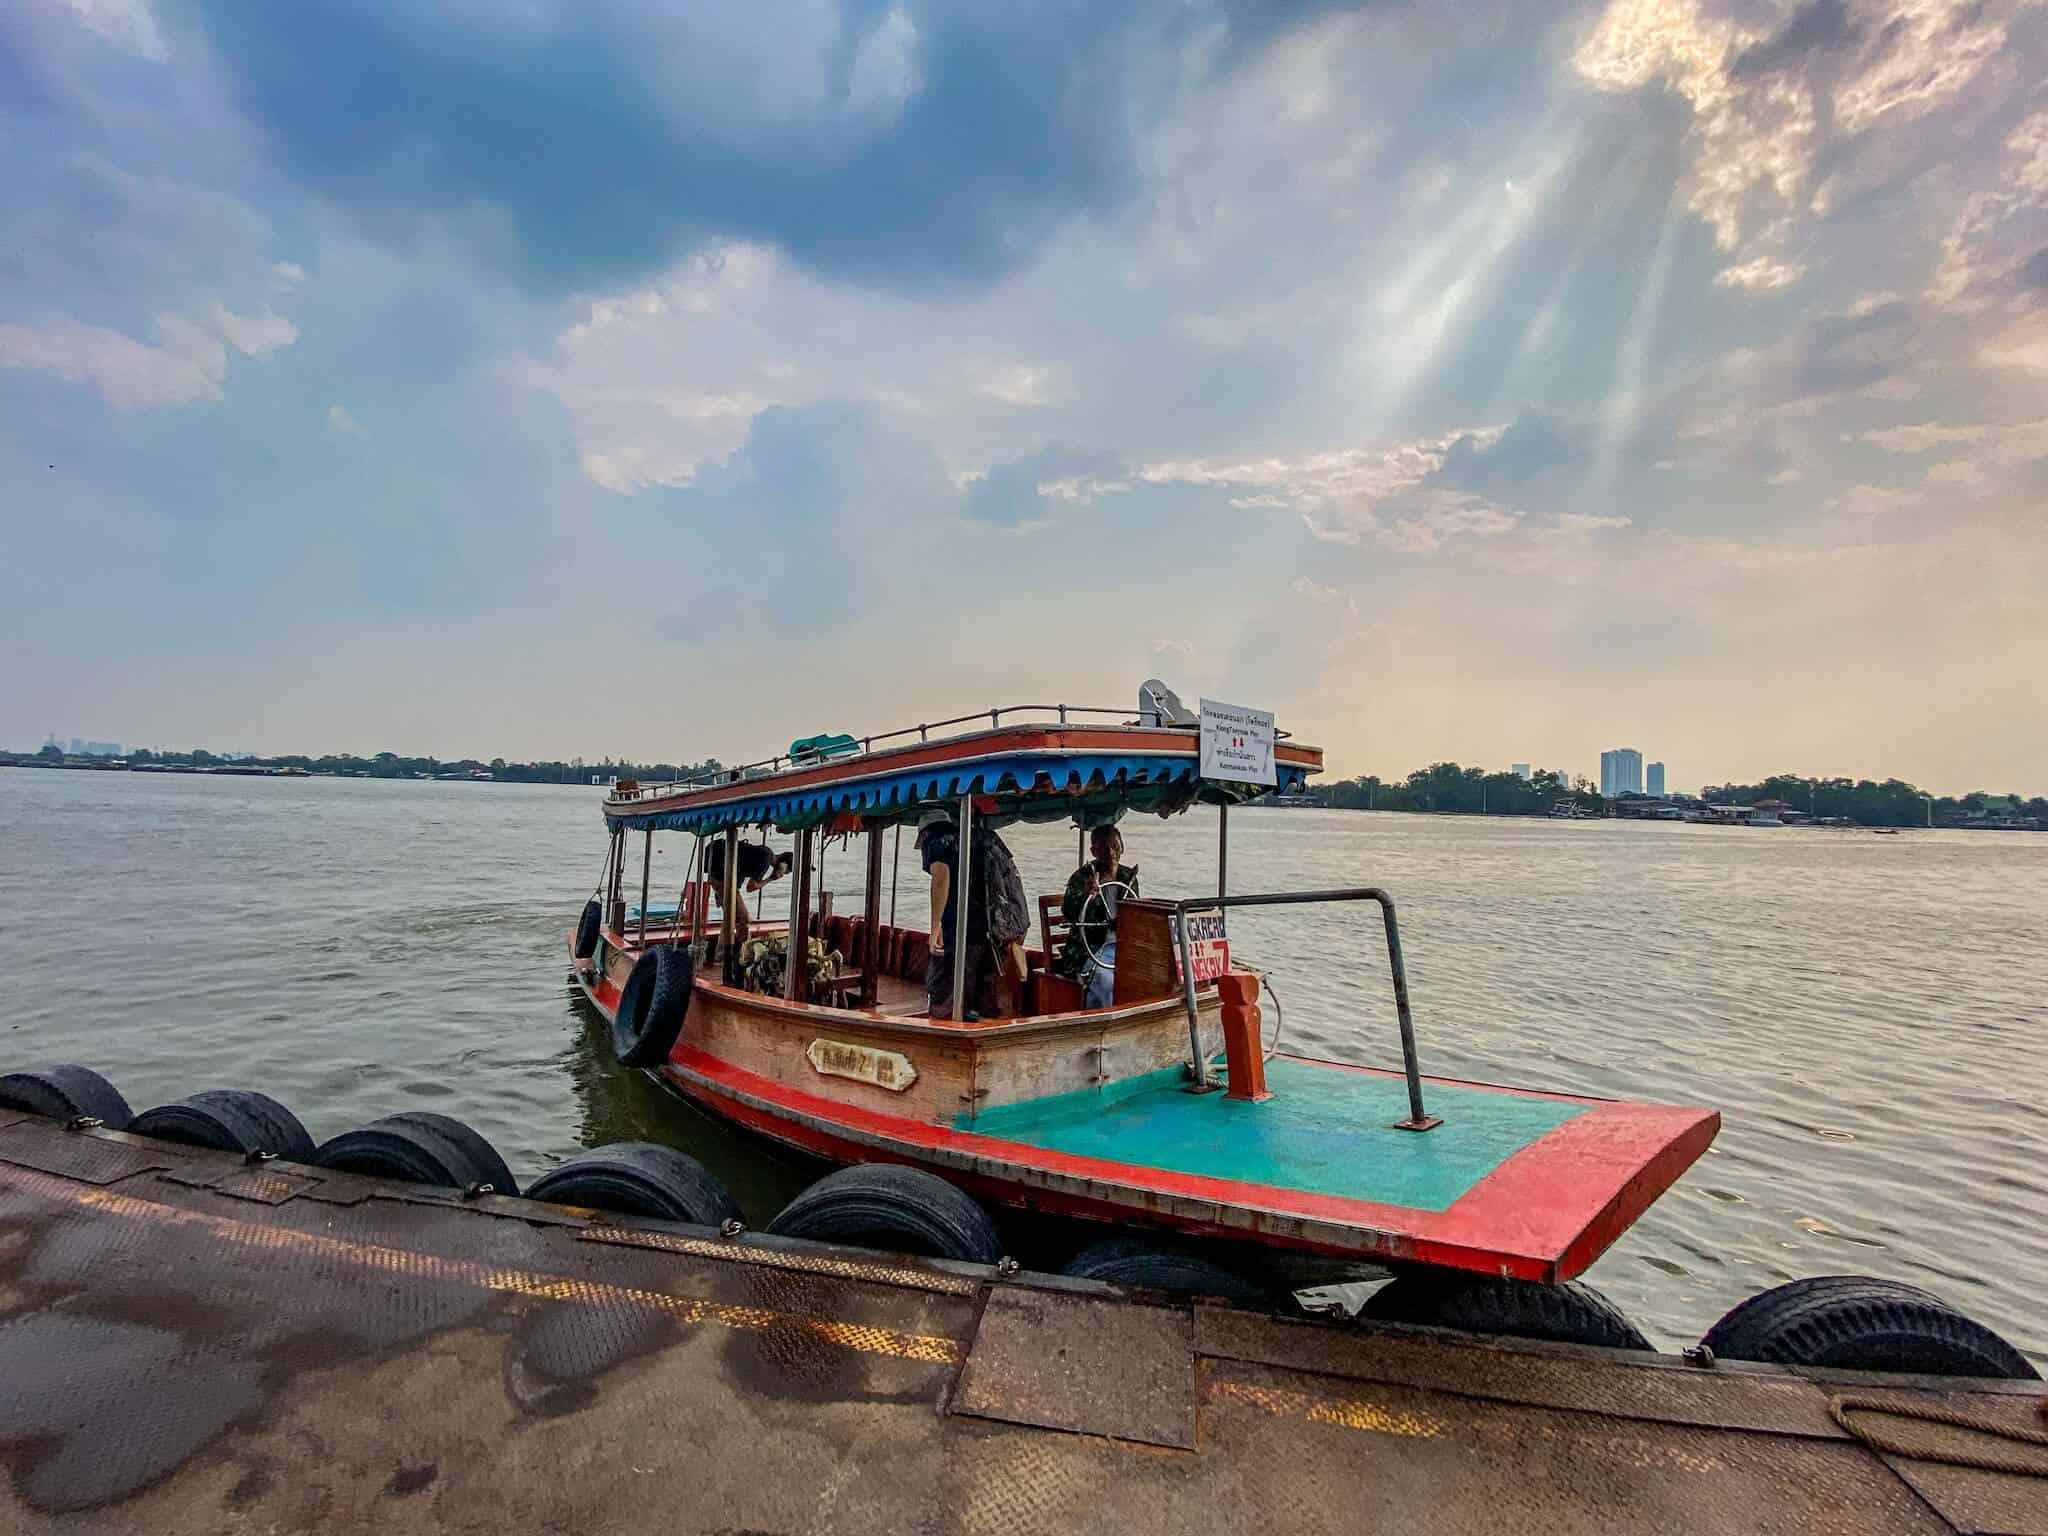 Khlong Toei Pier